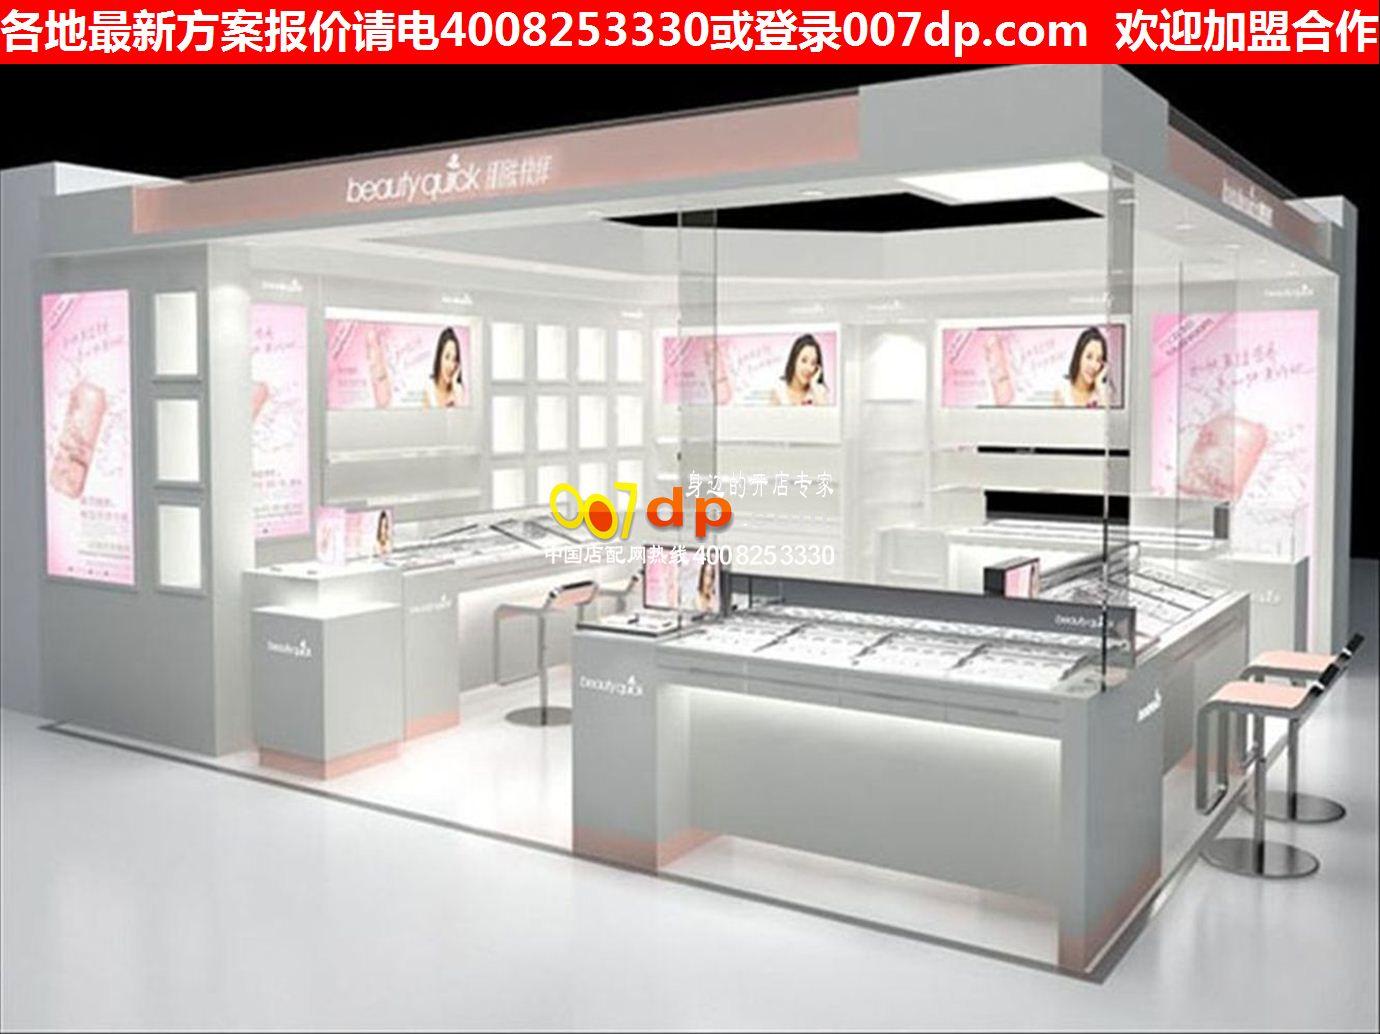 时尚化妆品店装修创意化妆品展柜图片简约化妆品展示柜效果图